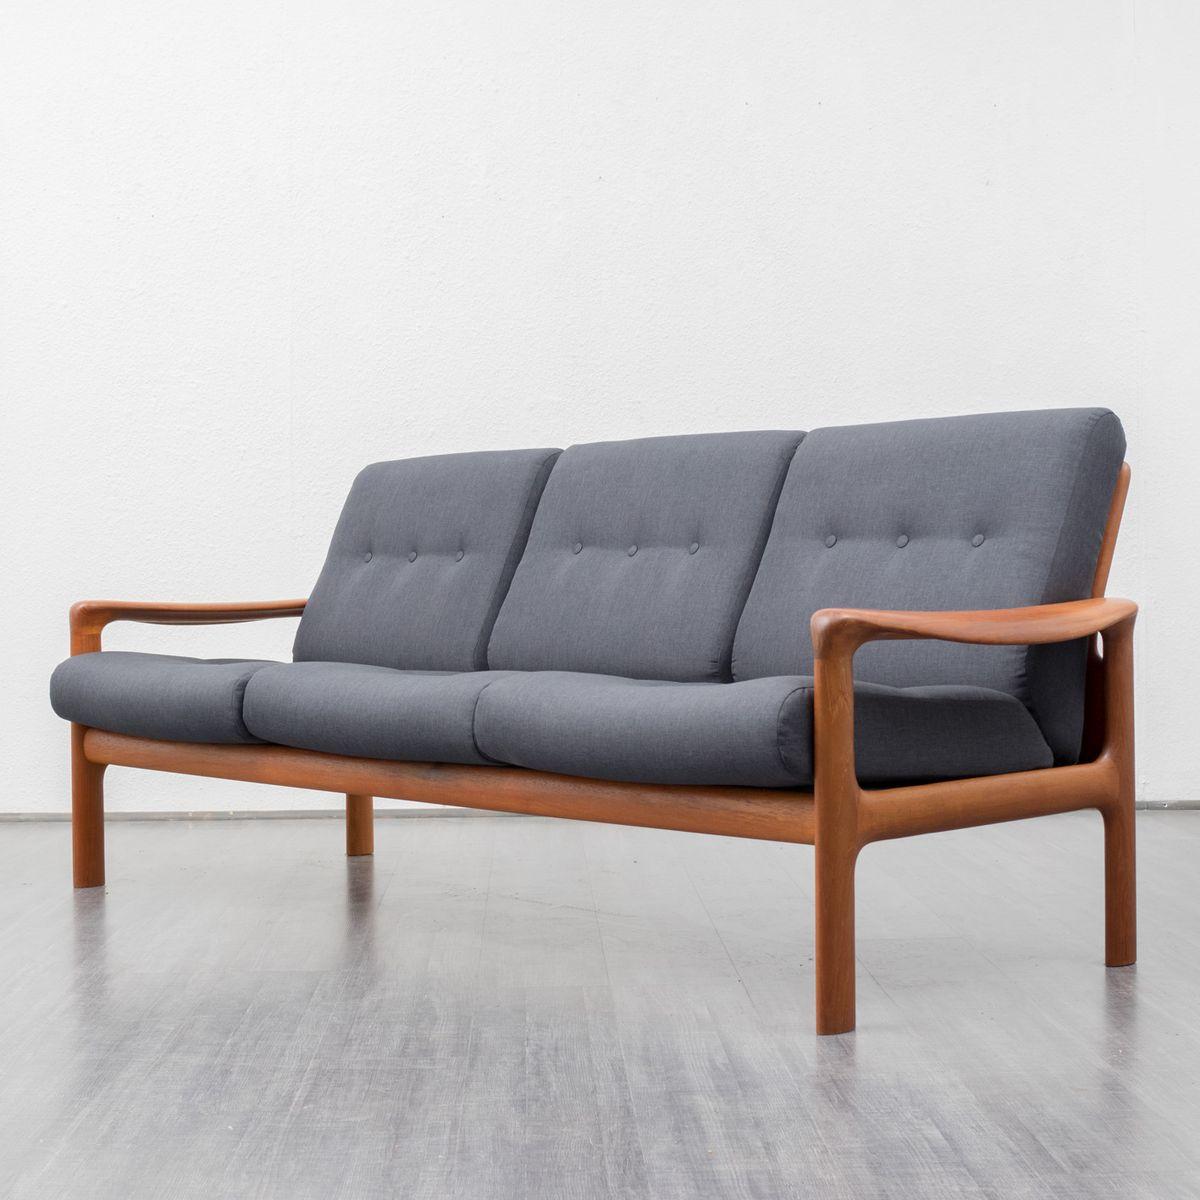 teak und anthrazit stoff sofa von comfort 1960er bei pamono kaufen. Black Bedroom Furniture Sets. Home Design Ideas